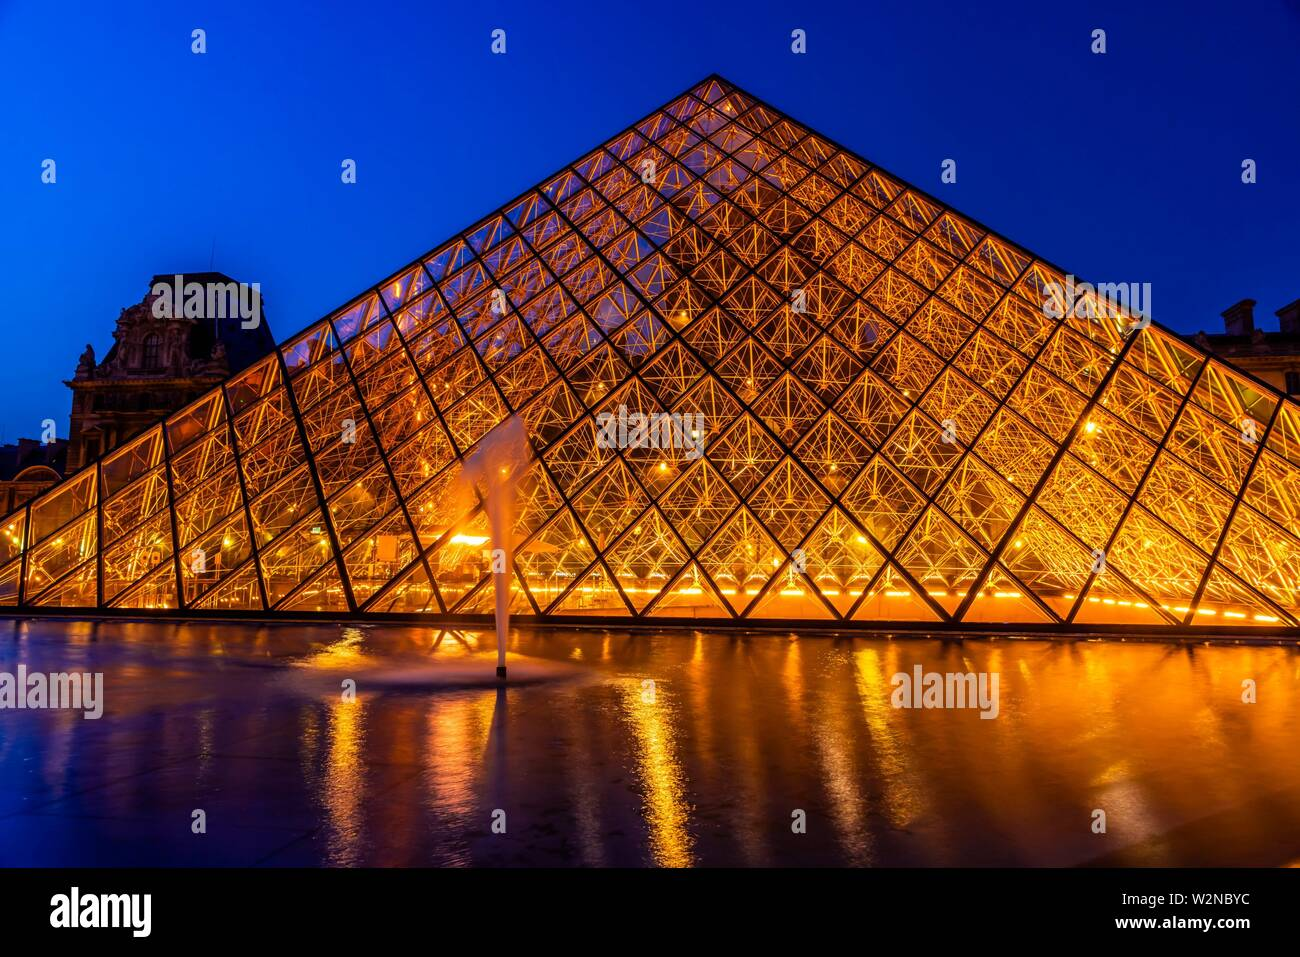 La Pirámide del Louvre (Pyramide du Louvre) es una gran pirámide de cristal y metal diseñada por el arquitecto Chinese-American I.M. Pei, rodeado por tres Foto de stock